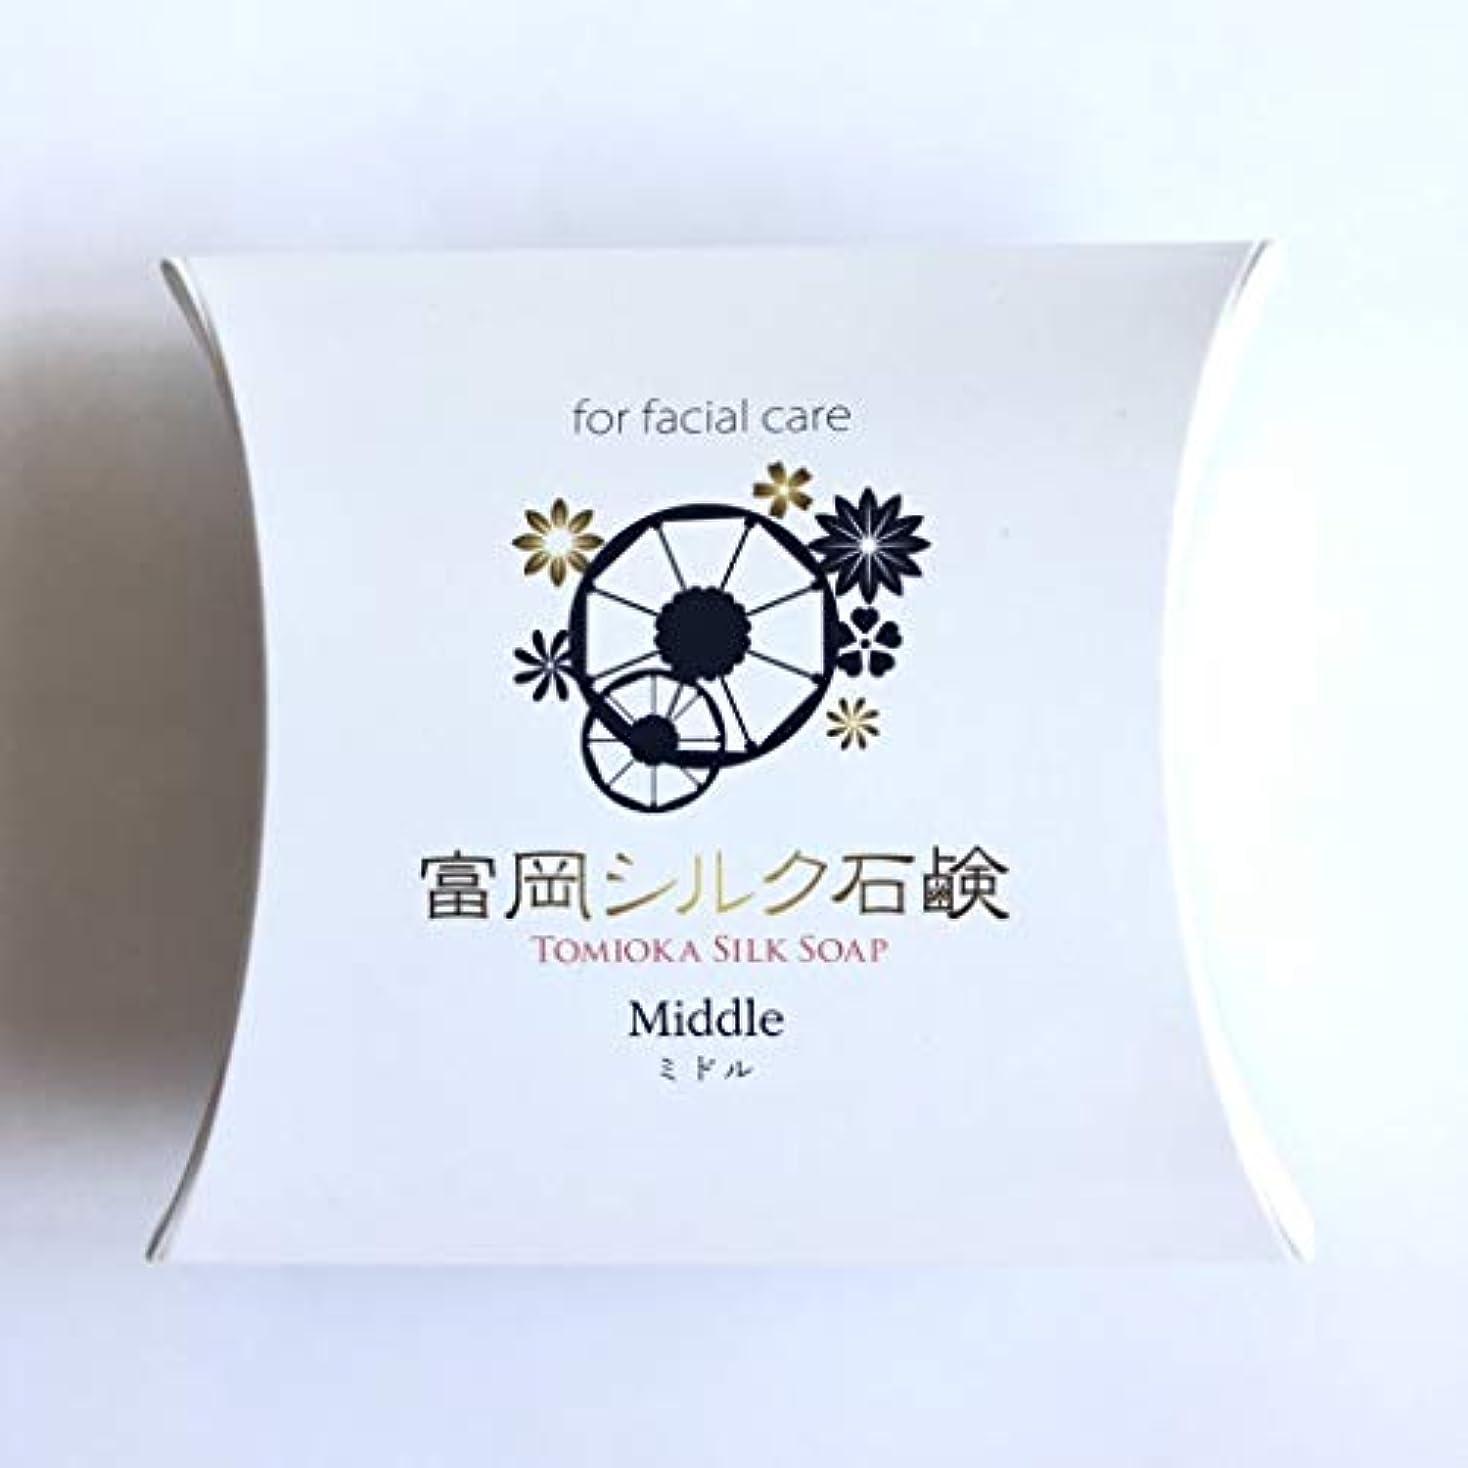 レガシーエンジニアバット絹工房 富岡シルク石鹸 ミドルサイズ(40g)